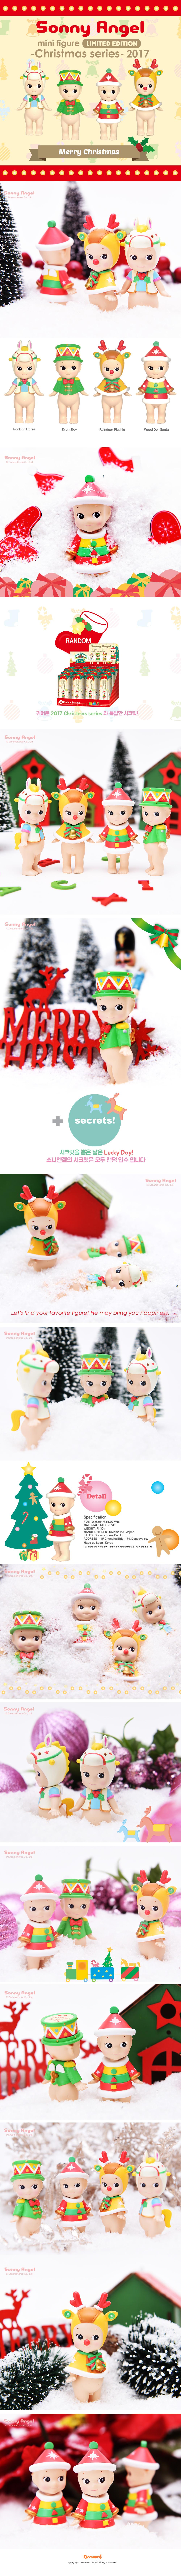 [드림즈코리아 정품 소니엔젤] 미니피규어_2017 Christmas series(박스) - 소니엔젤, 100,800원, 아시아 피규어, 소니엔젤